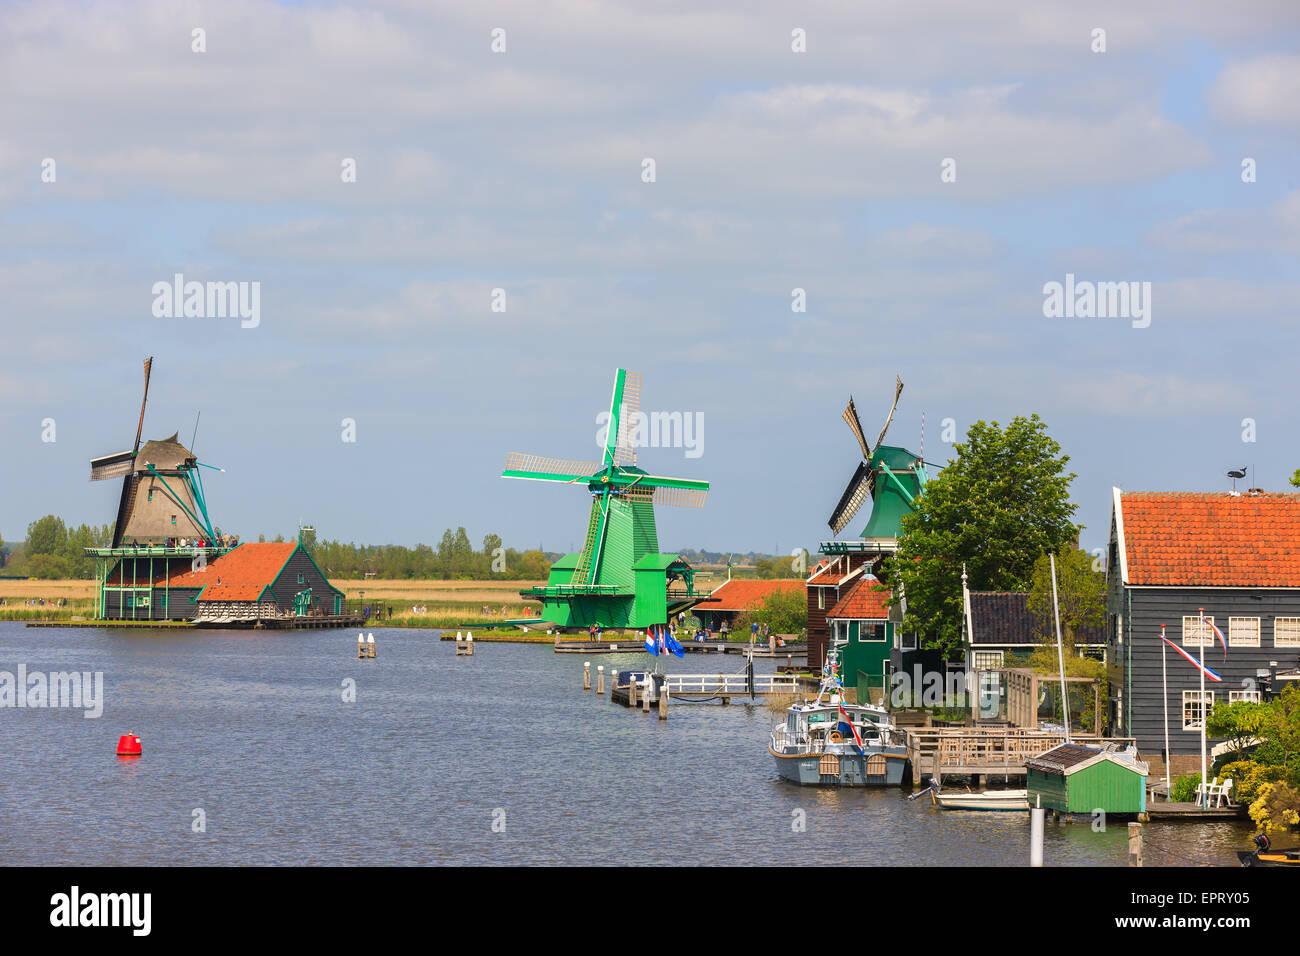 Auf der Zaanse Schans, holländische Windmühlen entlang des Flusses De Zaan nördlich von Amsterdam, Stockbild